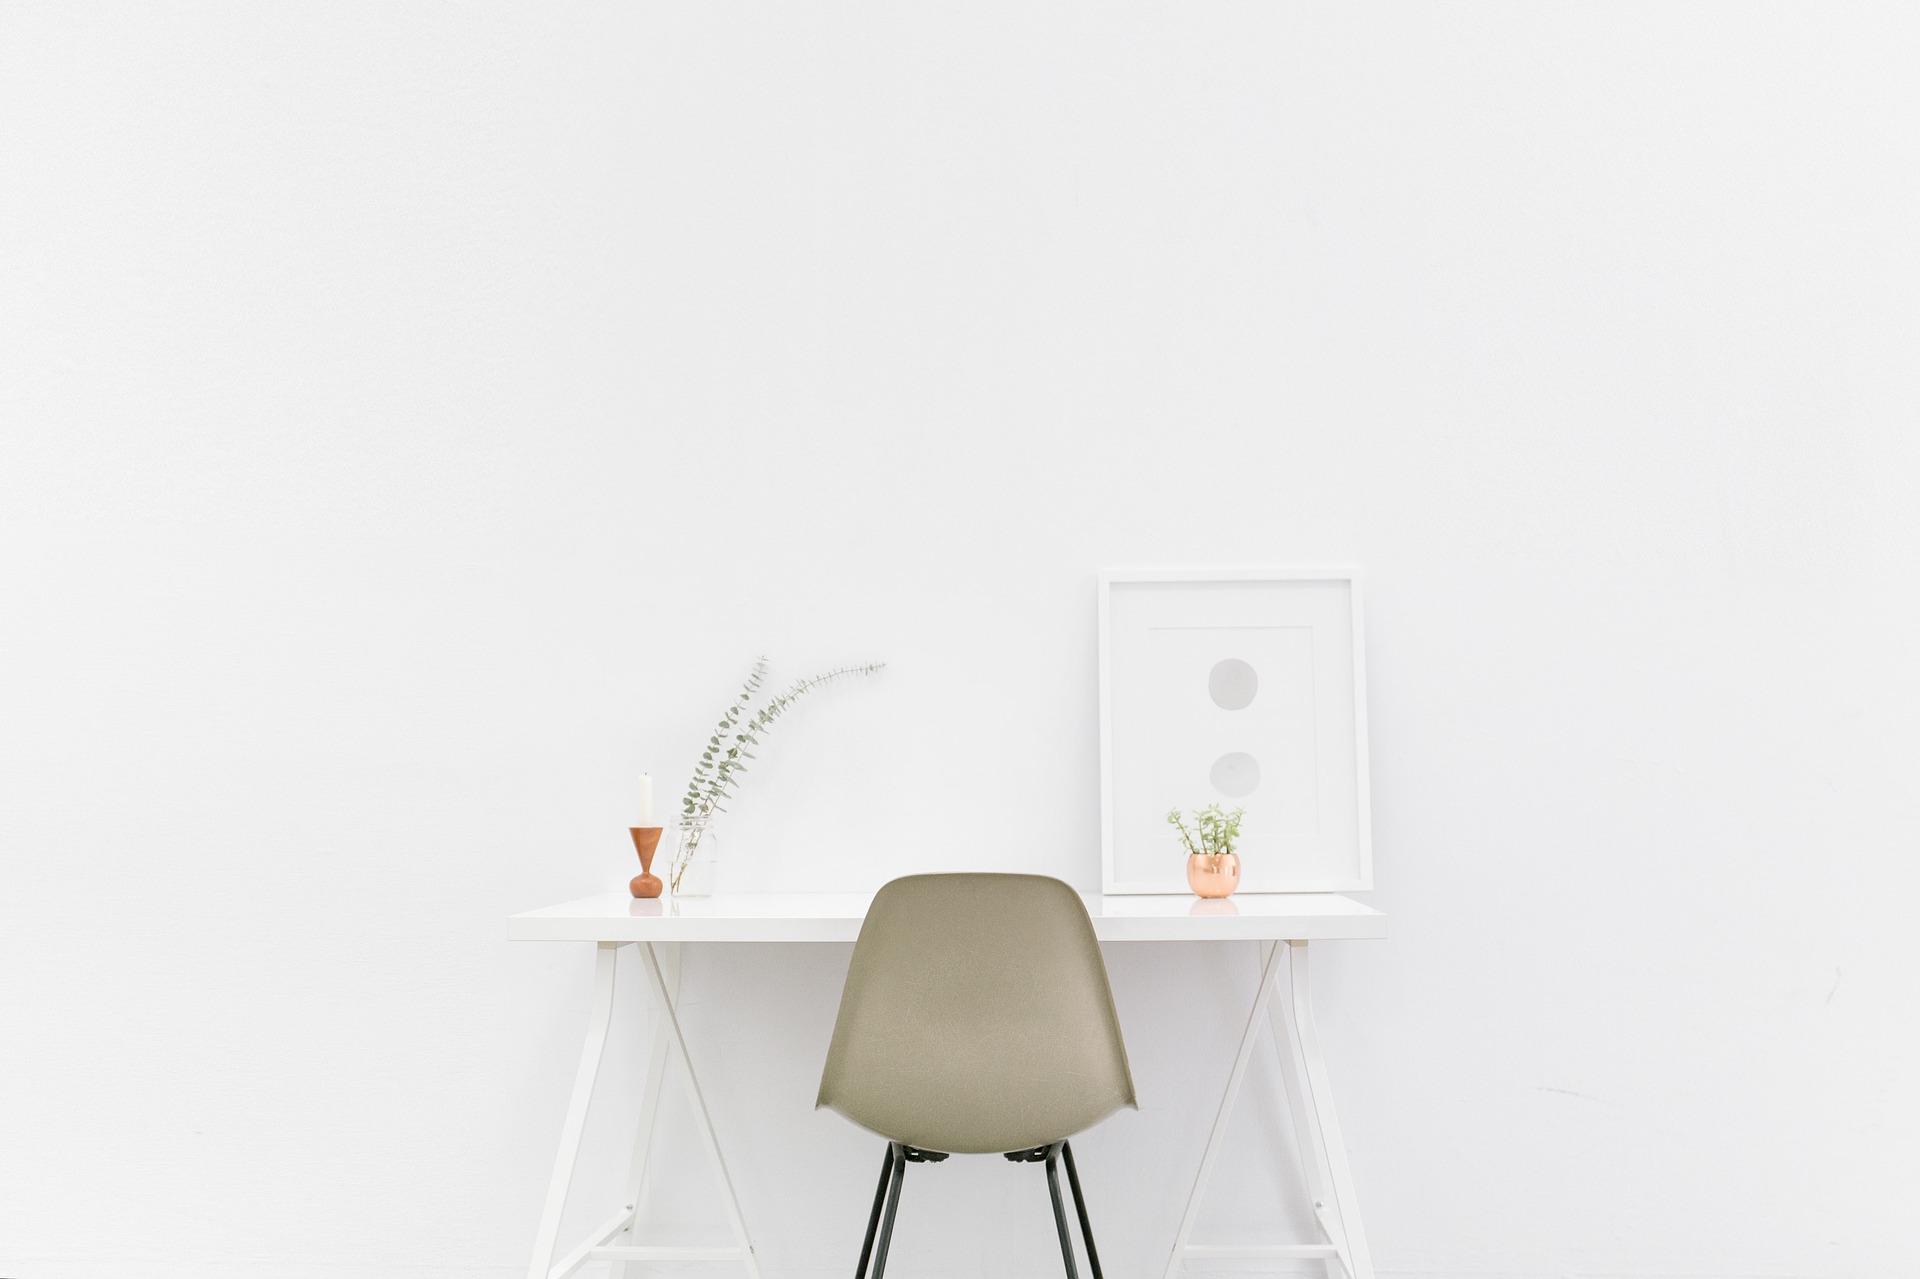 desk-1081708_1920.jpg